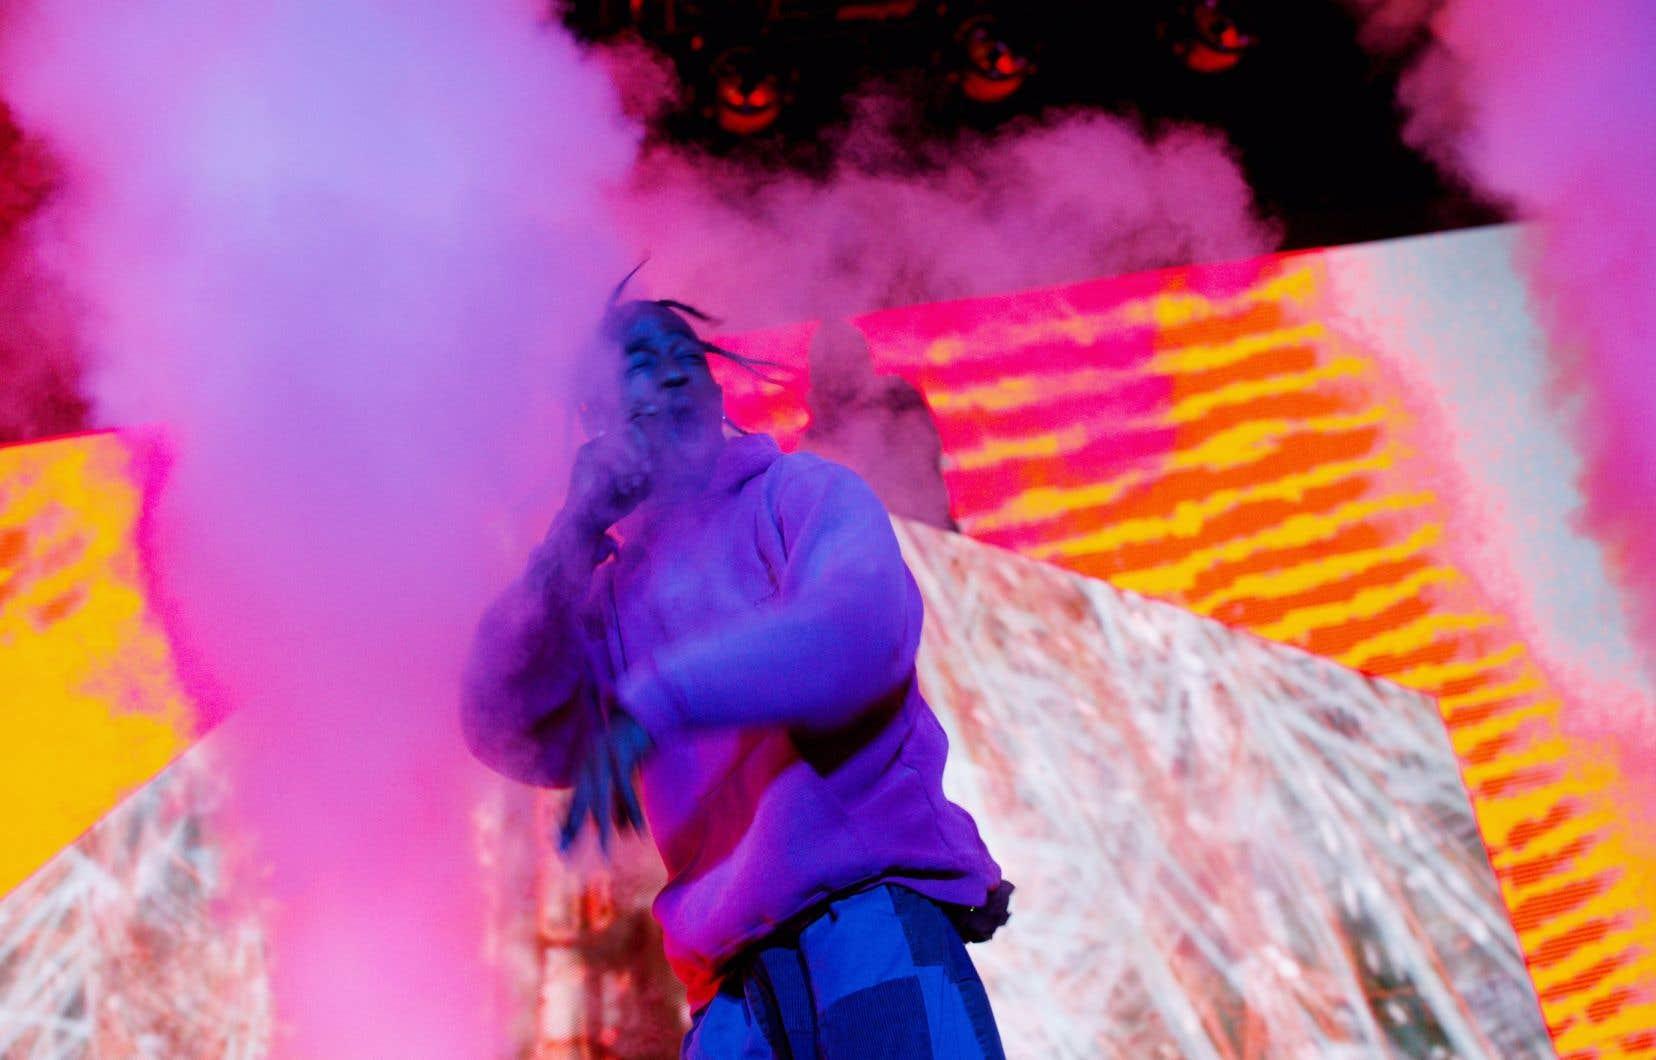 Le rappeur américain Travis Scott est arrivé avec une heure de retard et a offert une performance abrégée de 40 minutes.